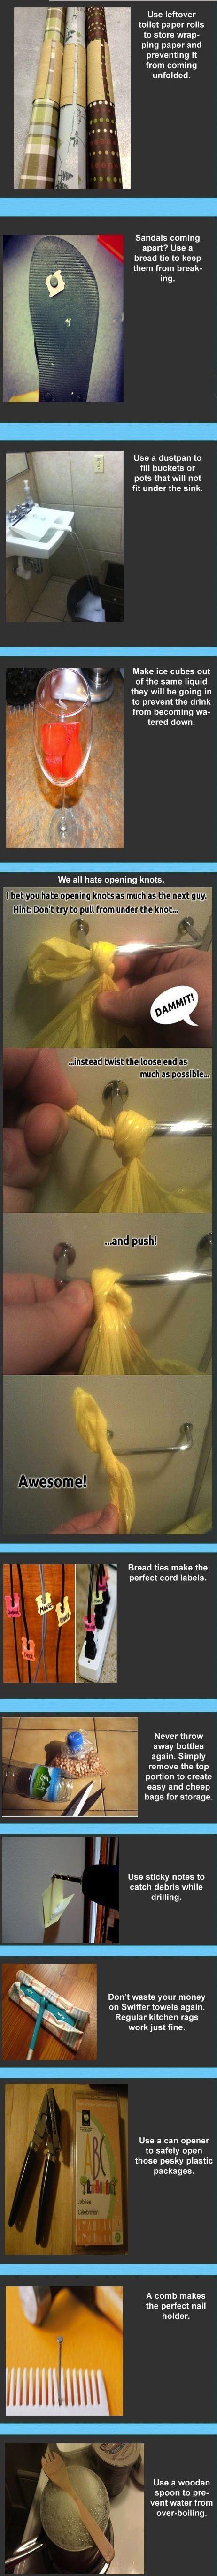 Tester le truc des noeuds.